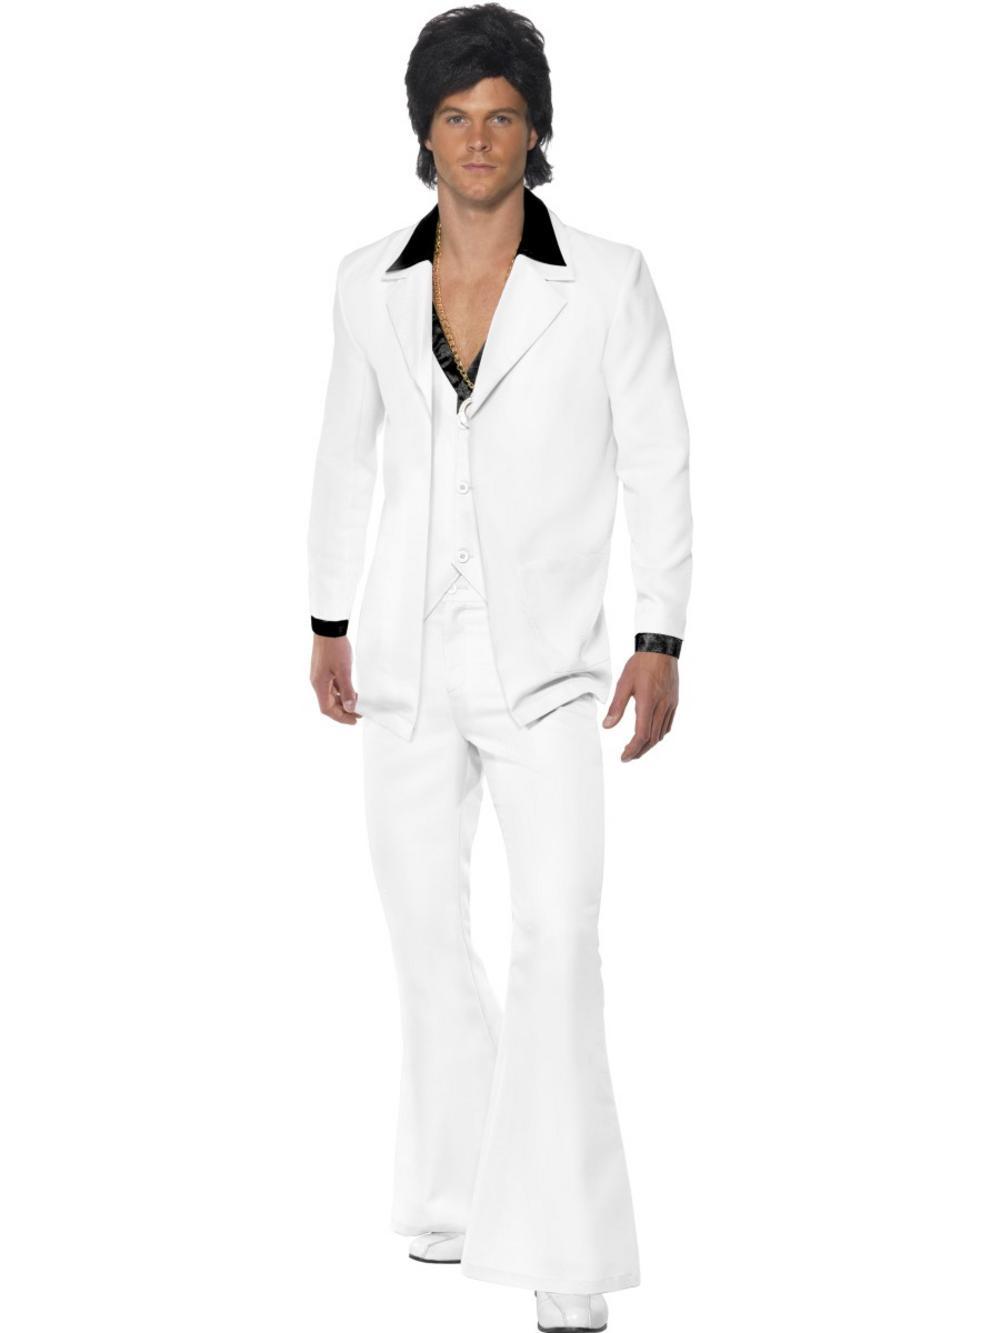 70s White Suit Mens Costume